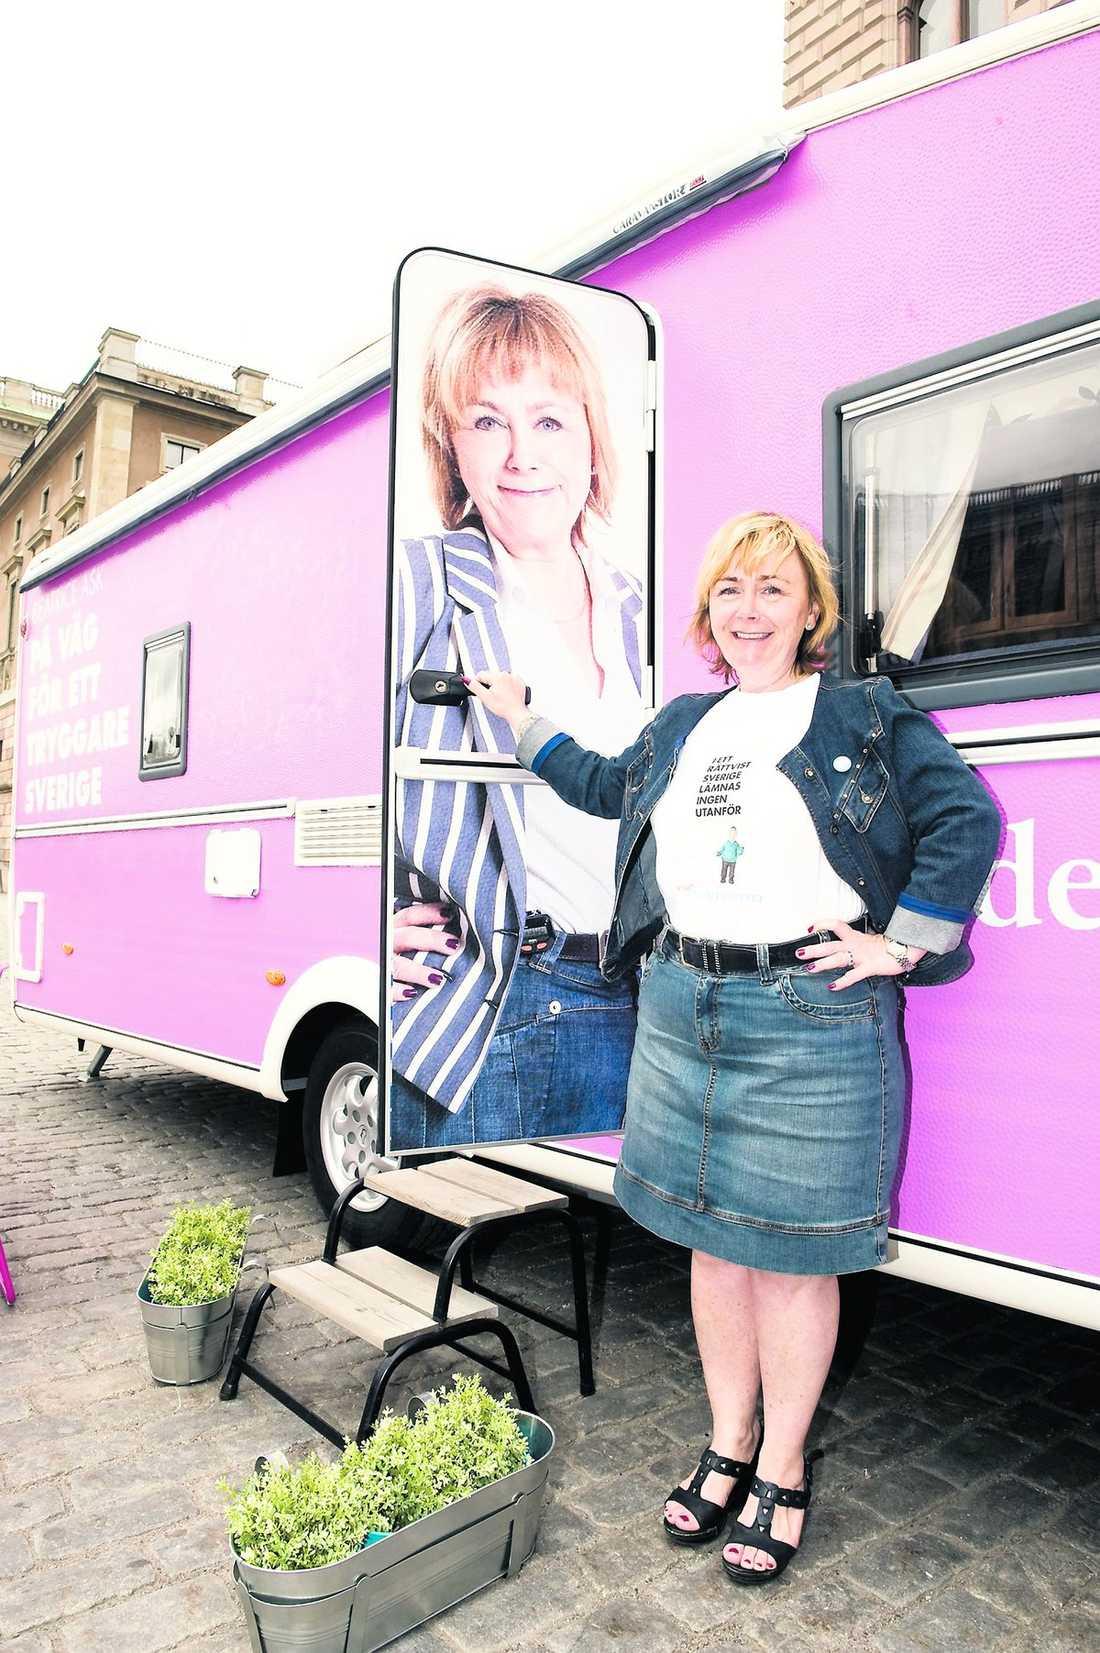 aftonbladet sätter plus på Beatrice Asks valvagn: Färg: fyra plus. Den tuggummirosa, grälla färgen sticker ut och drar till sig uppmärksamhet.